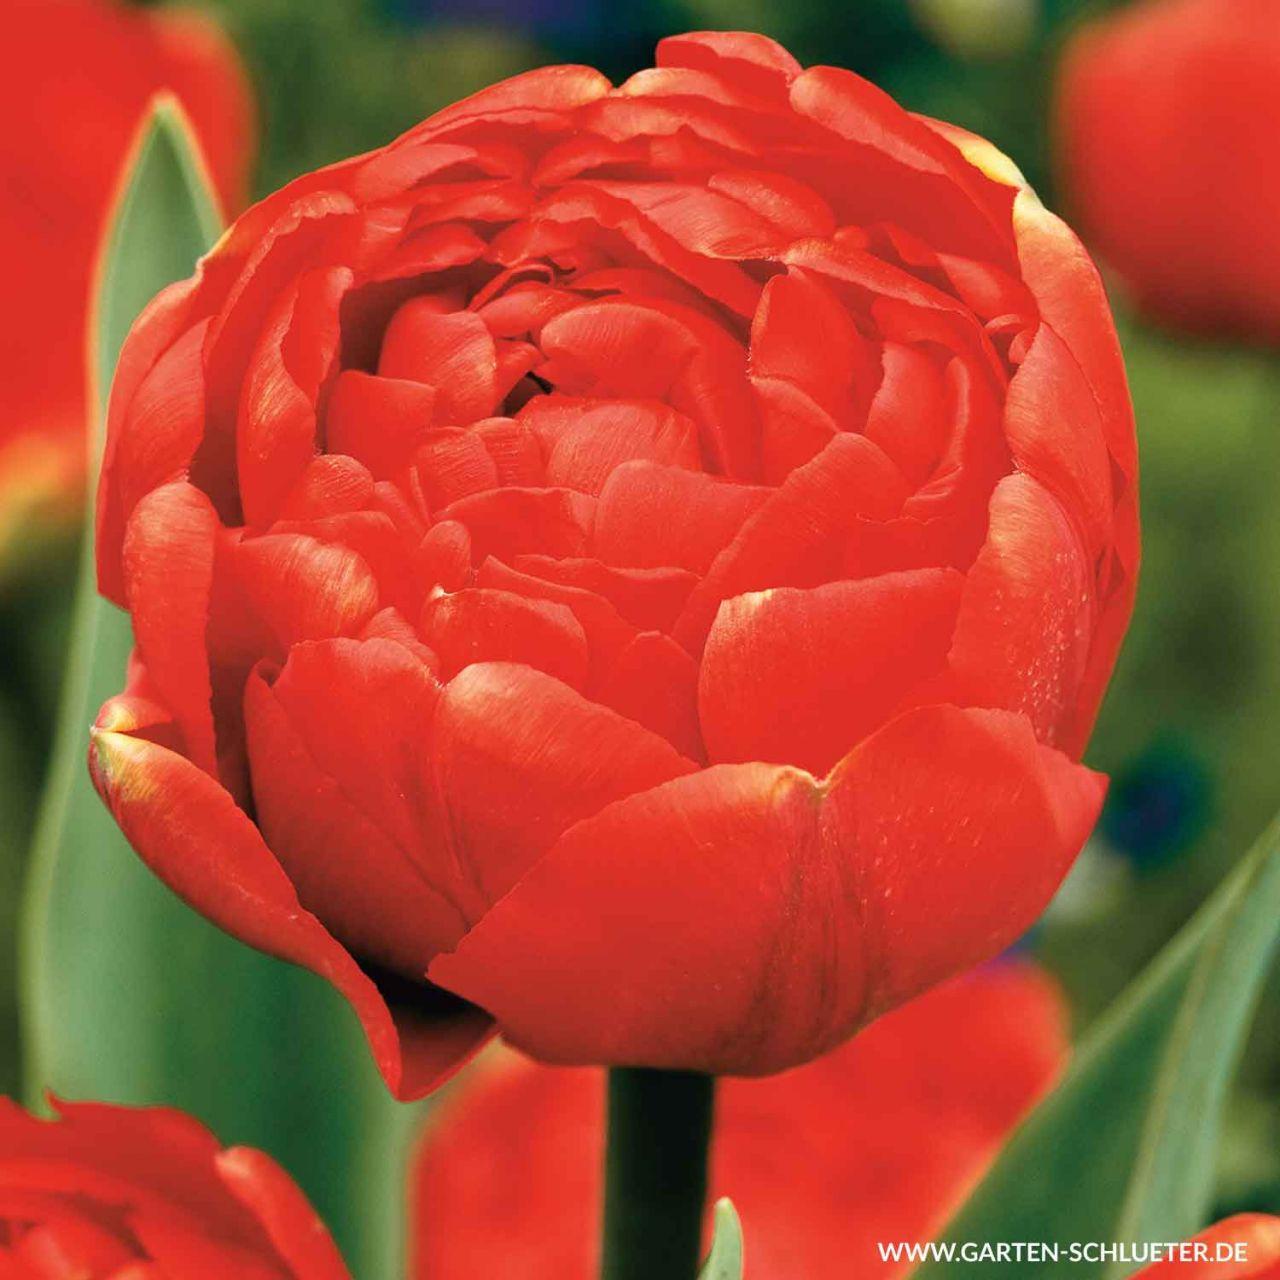 Garten-Schlueter.de: Gefüllte späte Tulpe Icon - 7 Stück